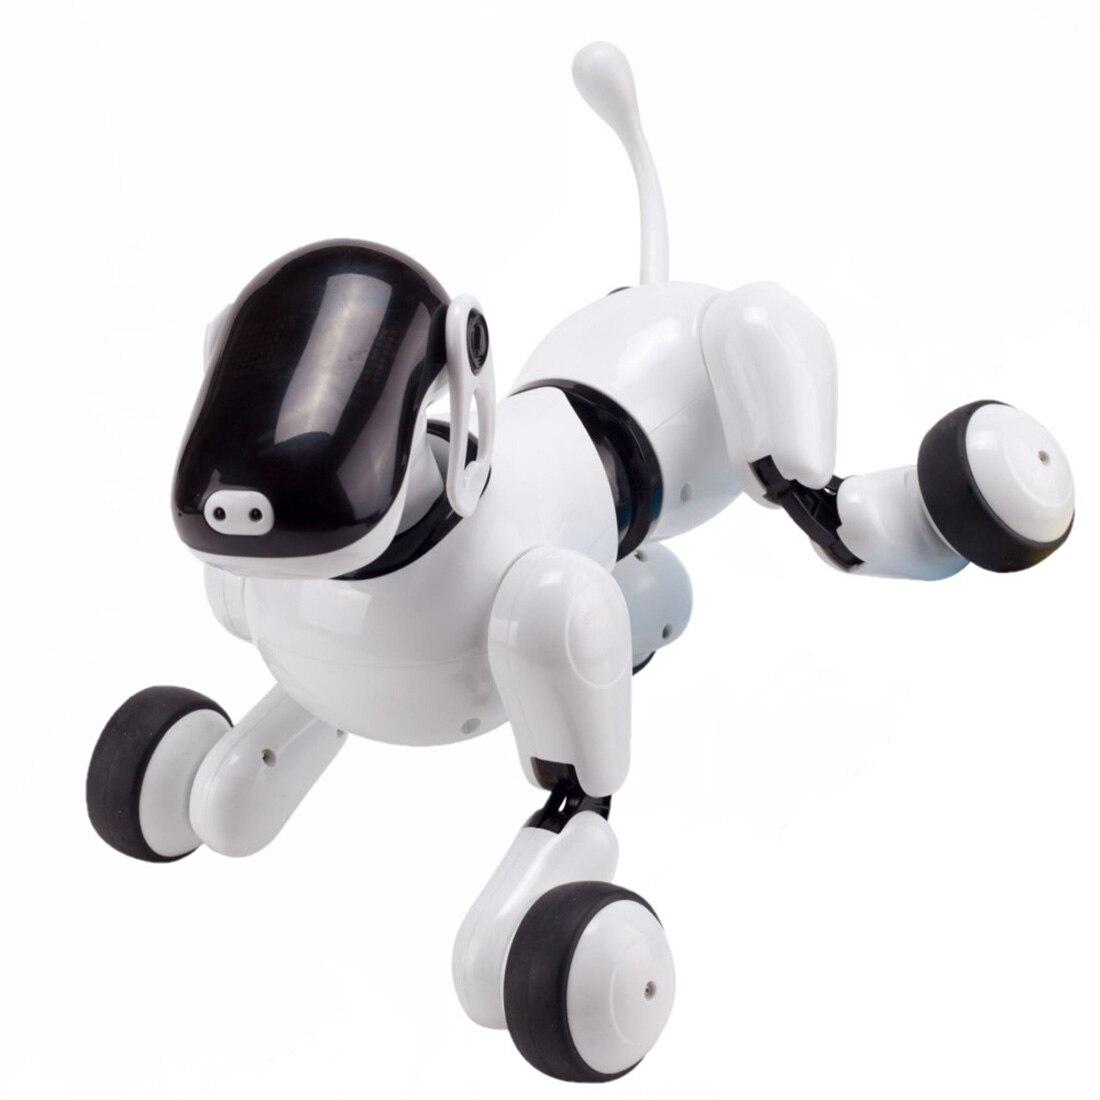 2019 jouet de chien Robot sans fil RC Robot intelligent chien animal de compagnie électronique pour enfants interactif jouer cadeau jouets éducatifs précoces